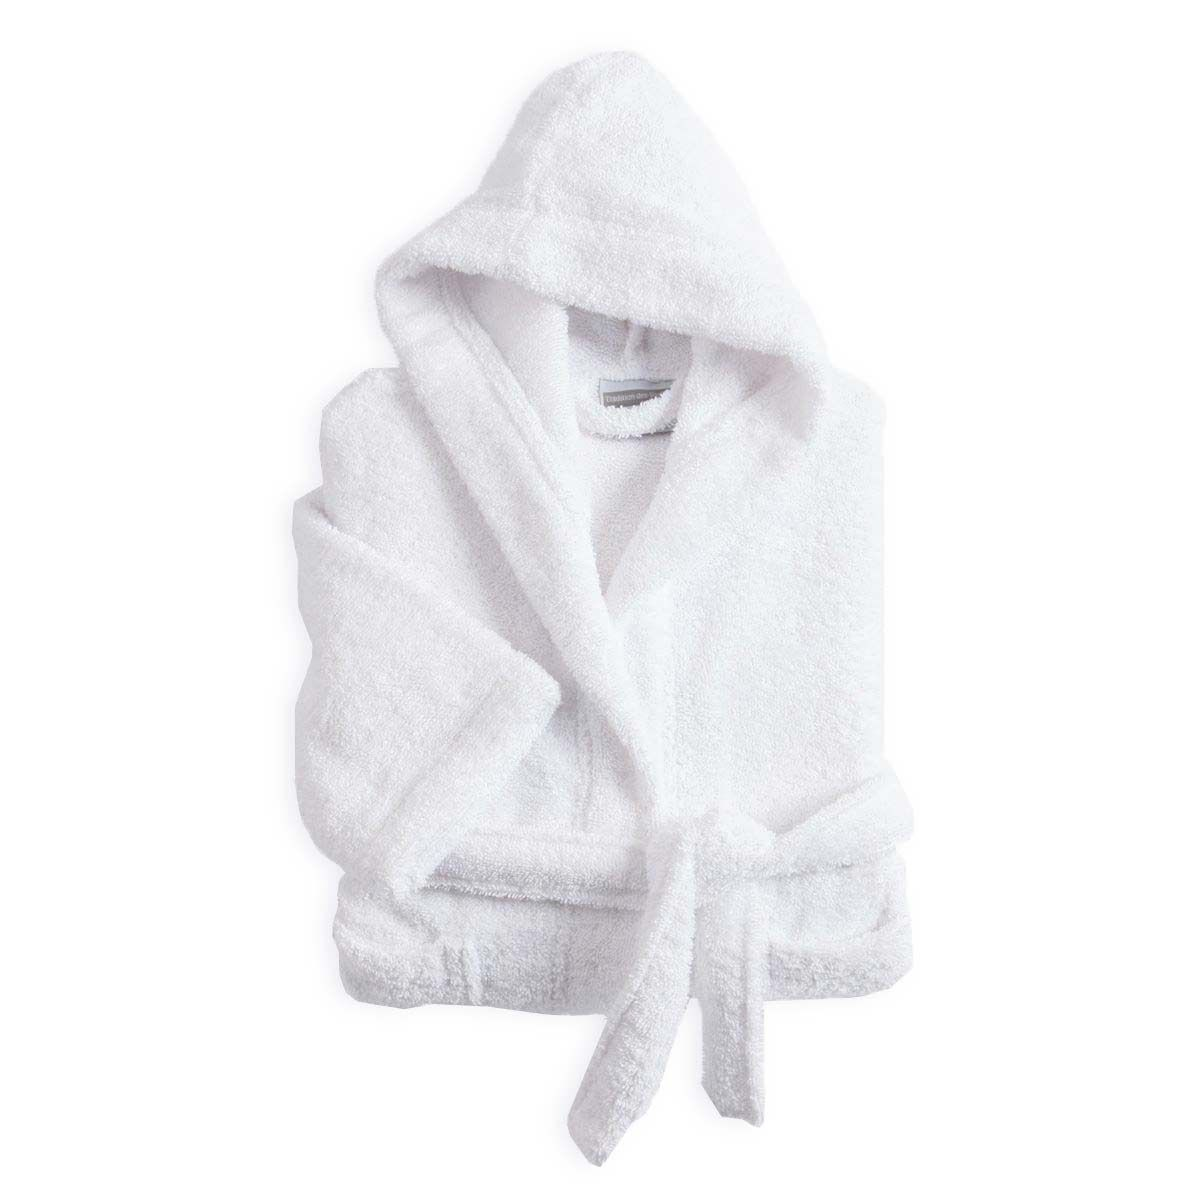 Peignoir Enfant Coton 420g Blanc neige | Linge de bain | peignoir enfant | Tradition des Vosges